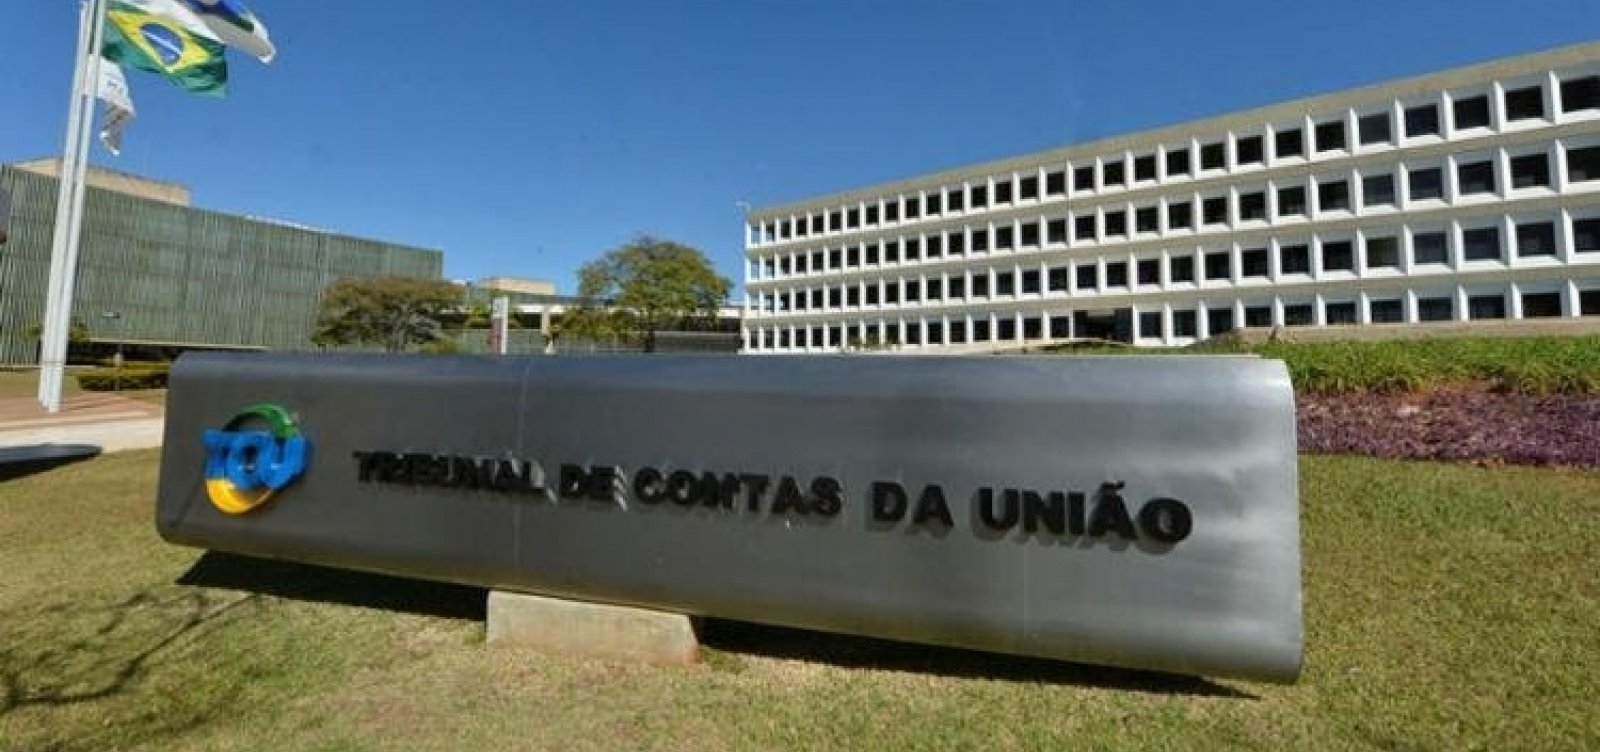 TCU vê indícios de irregularidades graves em 59 obras bancadas com dinheiro da União